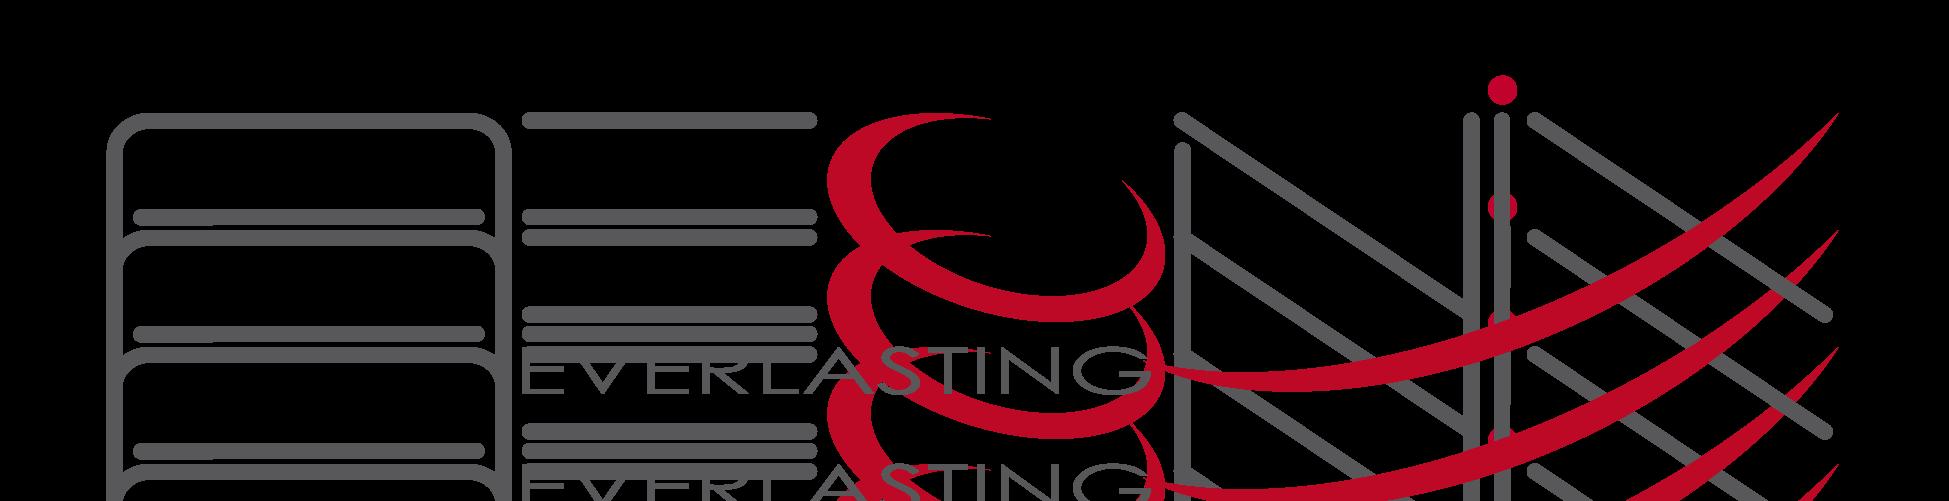 לוגו המוצר של תדיראן טלקום